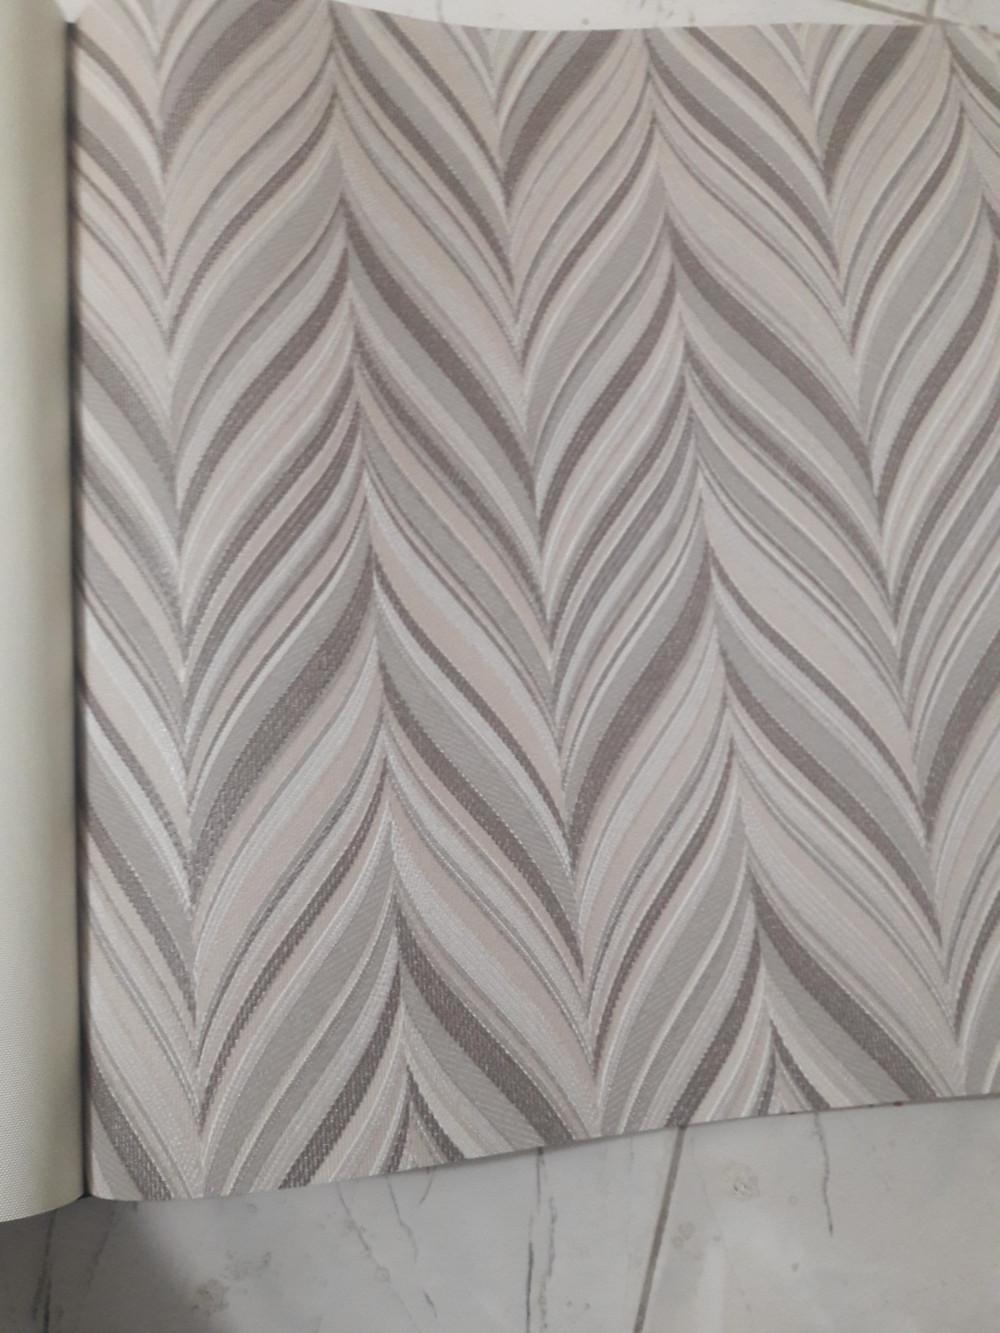 Vải dán tường sợi thủy tinh hoa văn sọc dọc tạo điểm nhấn